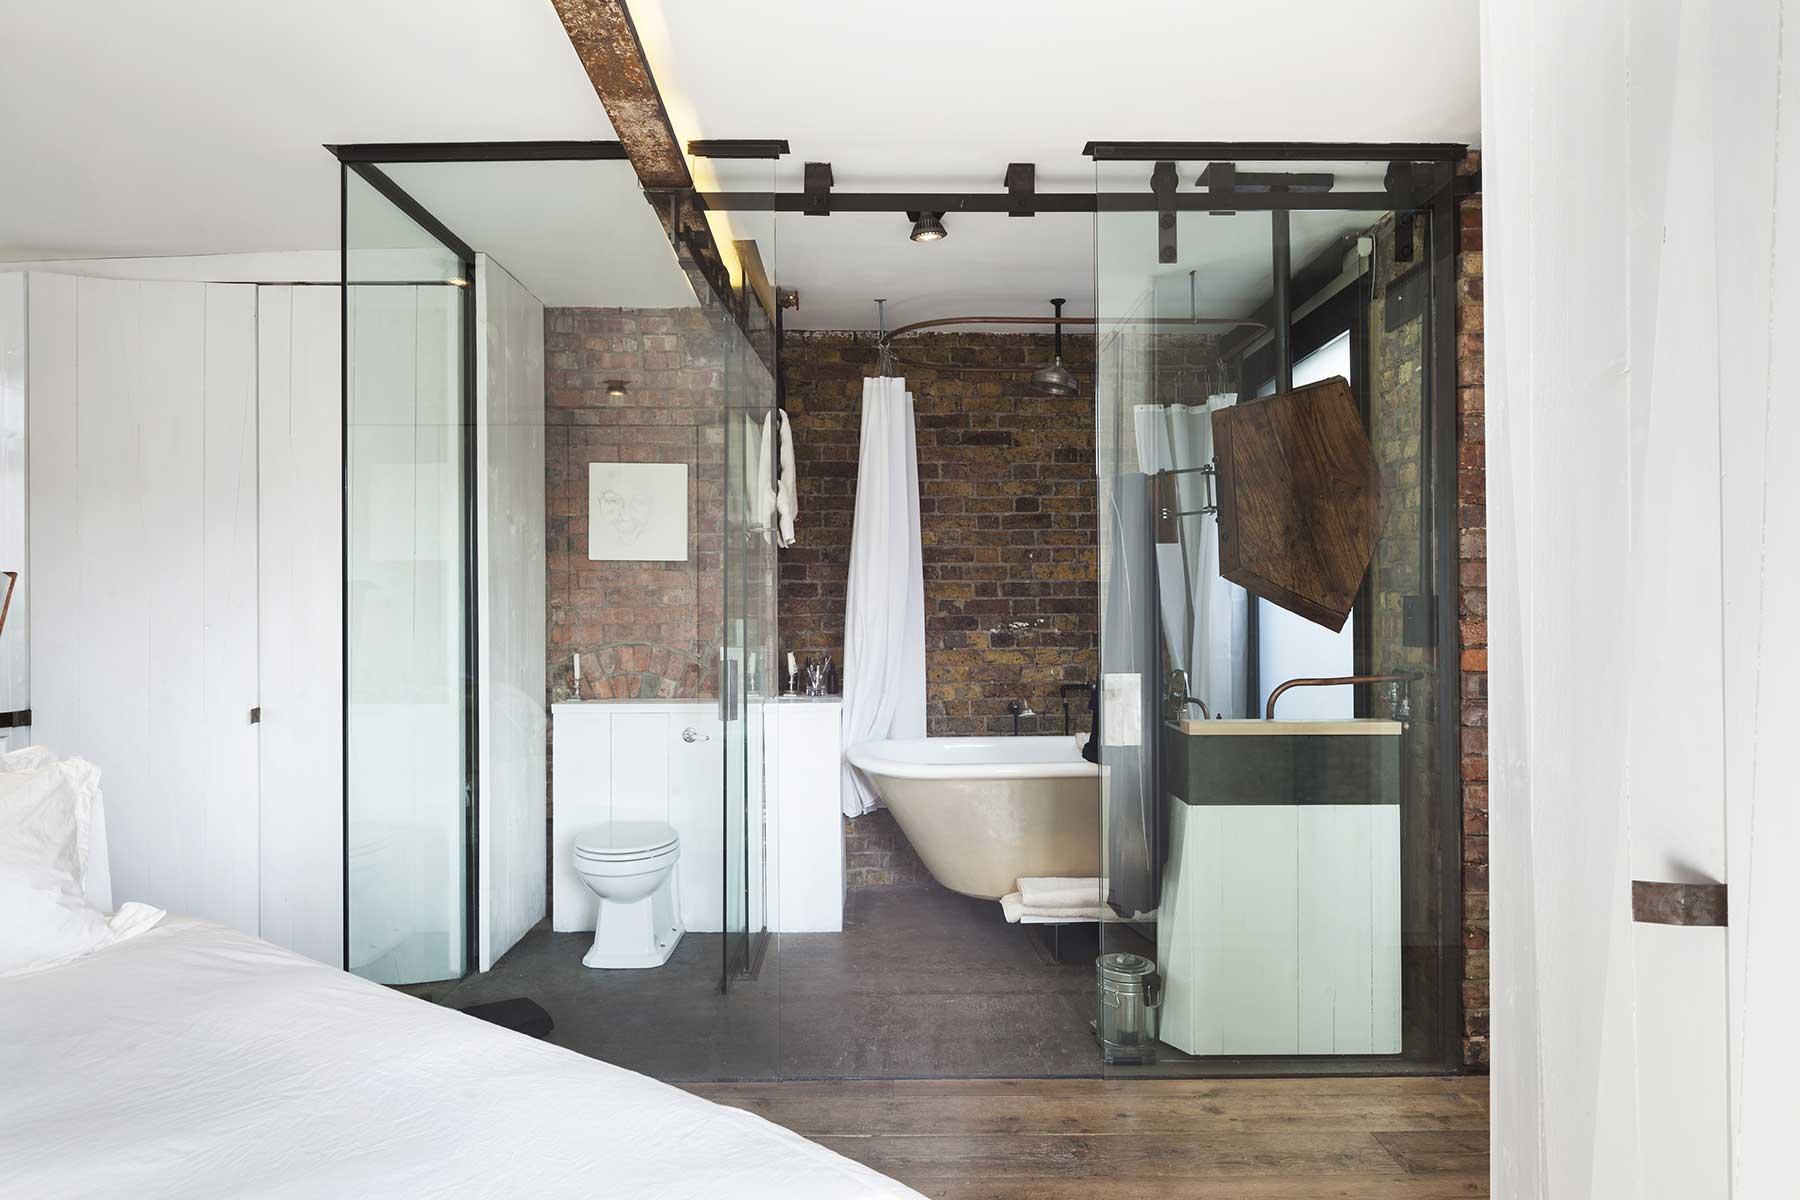 salle de bains avec portes oulissantes en verre - Mur De Verre Salle De Bain